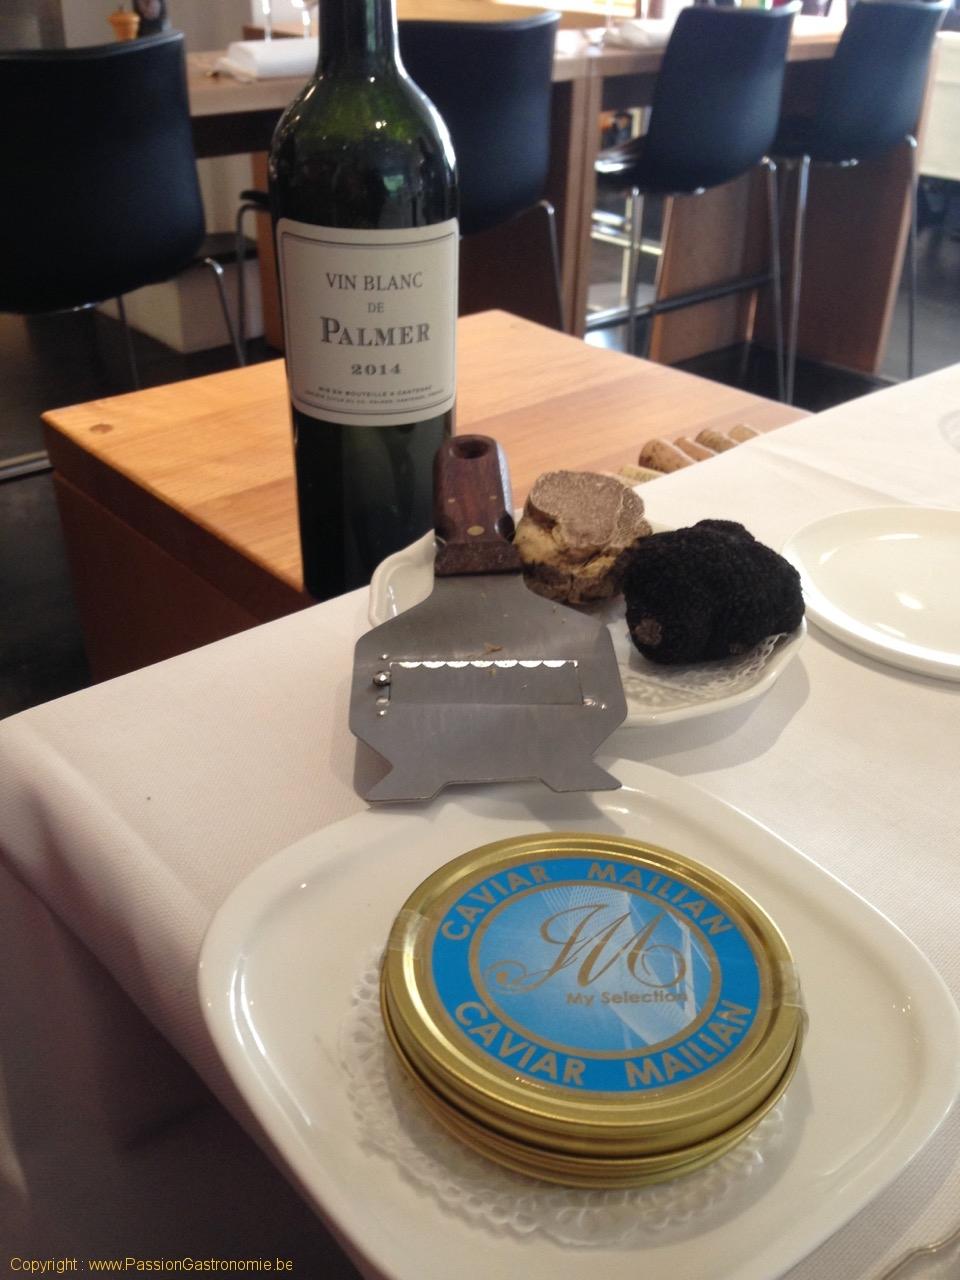 Restaurant Le Gril aux herbes d'Evan - Palmer, Caviar et Truffes blanches et noires